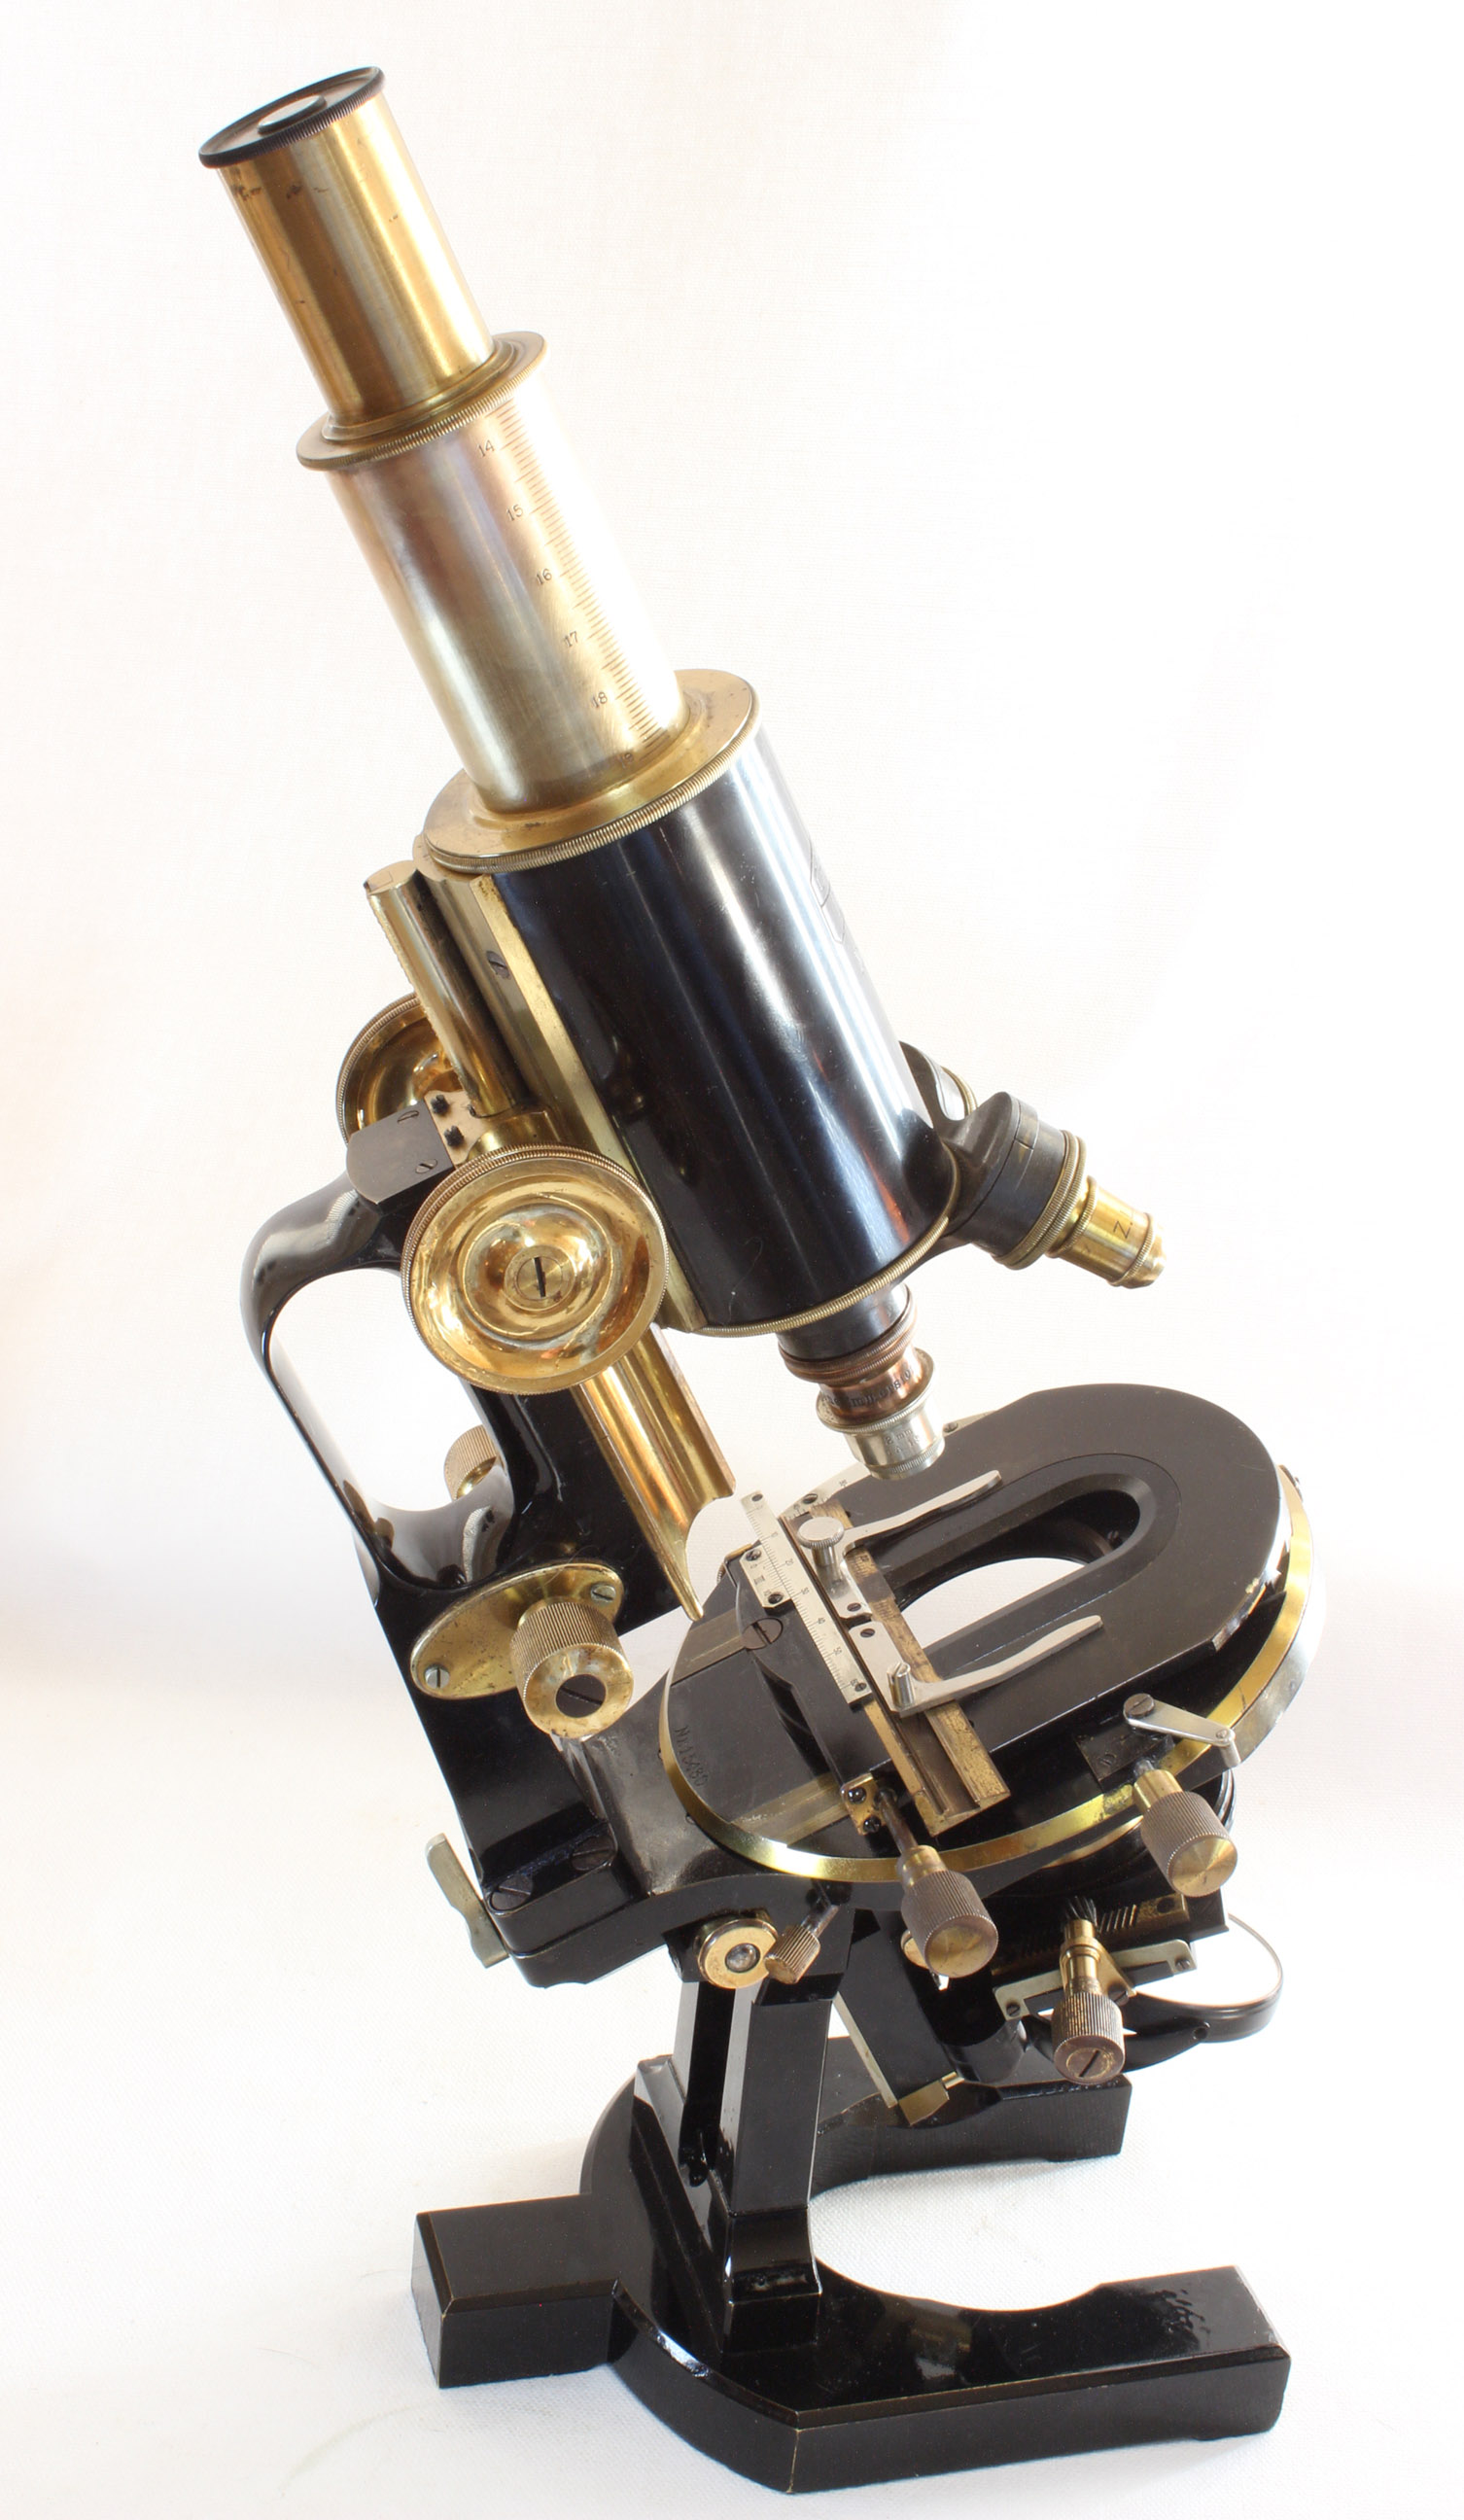 Dating Carl Zeiss Mikroskop nigerianska dejtingsajt i Nigeria